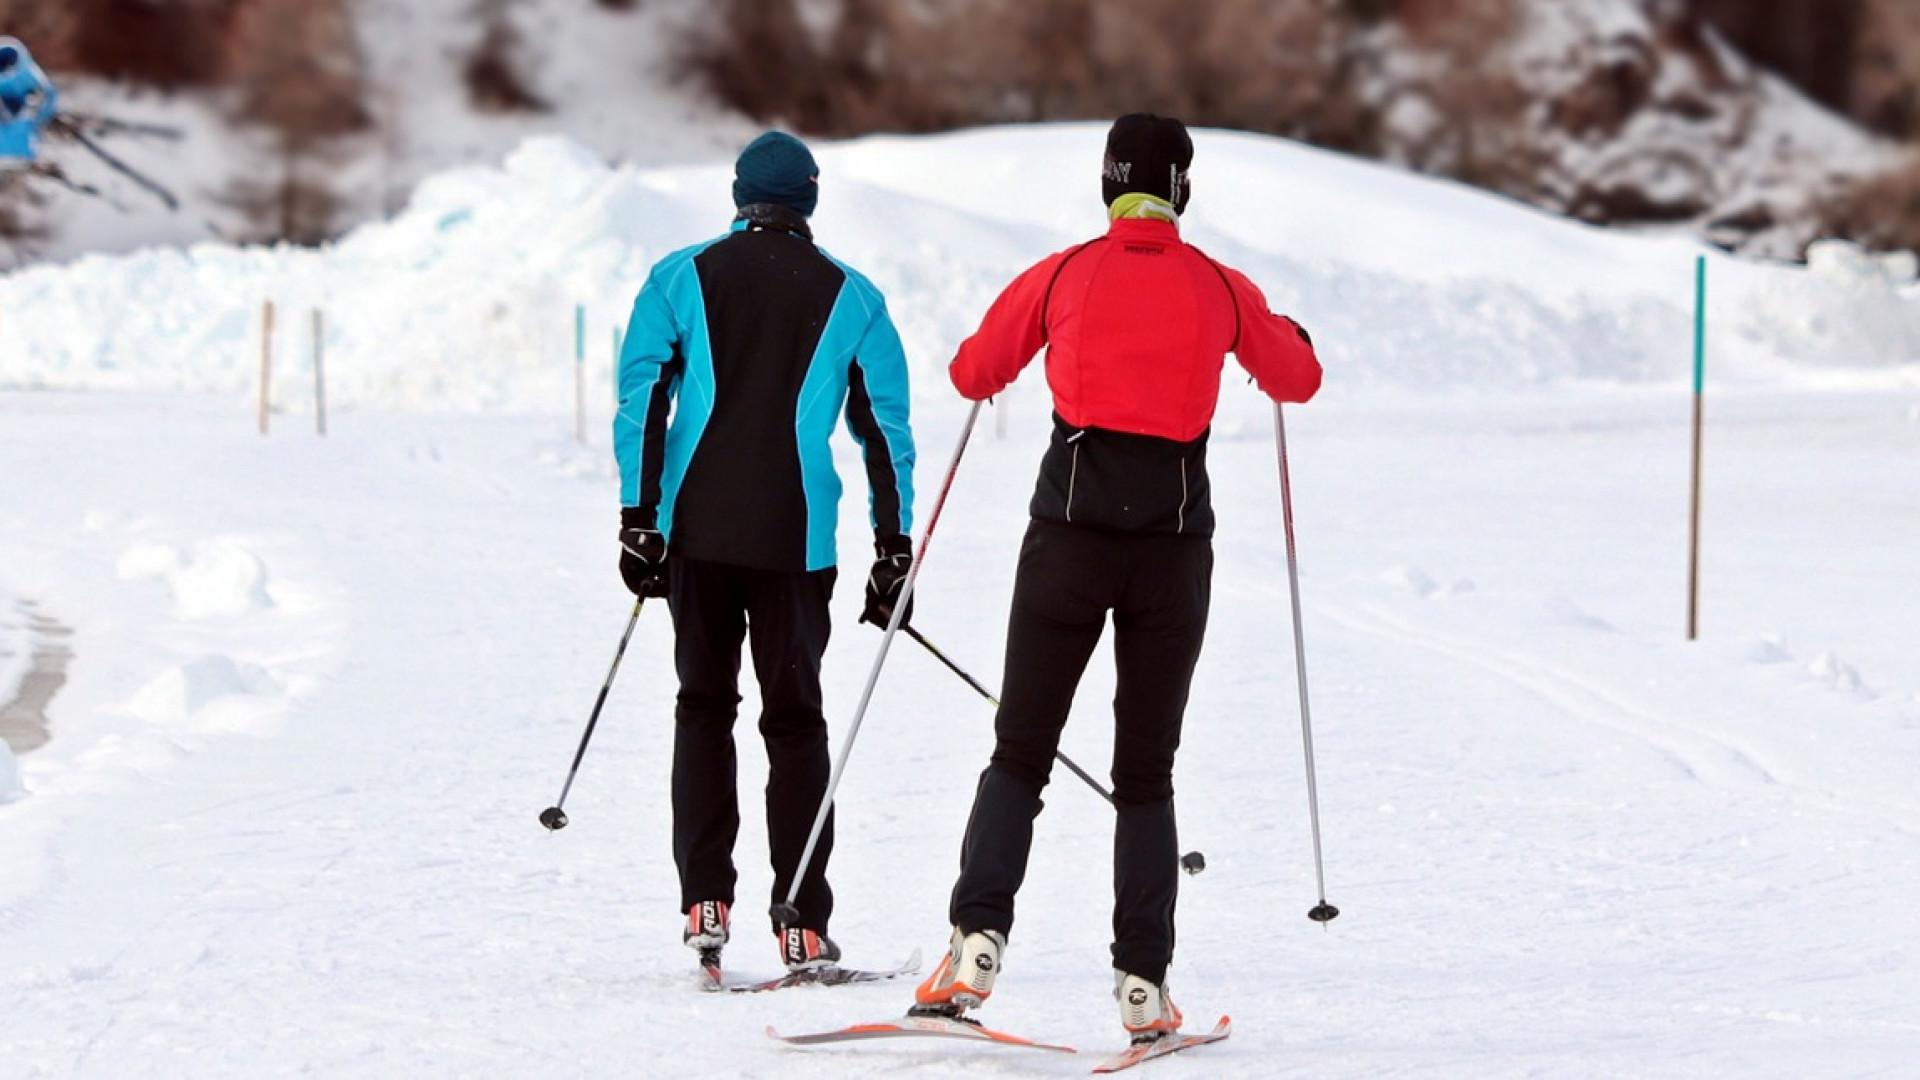 La location de ski à Super Besse, vous allez adorer !